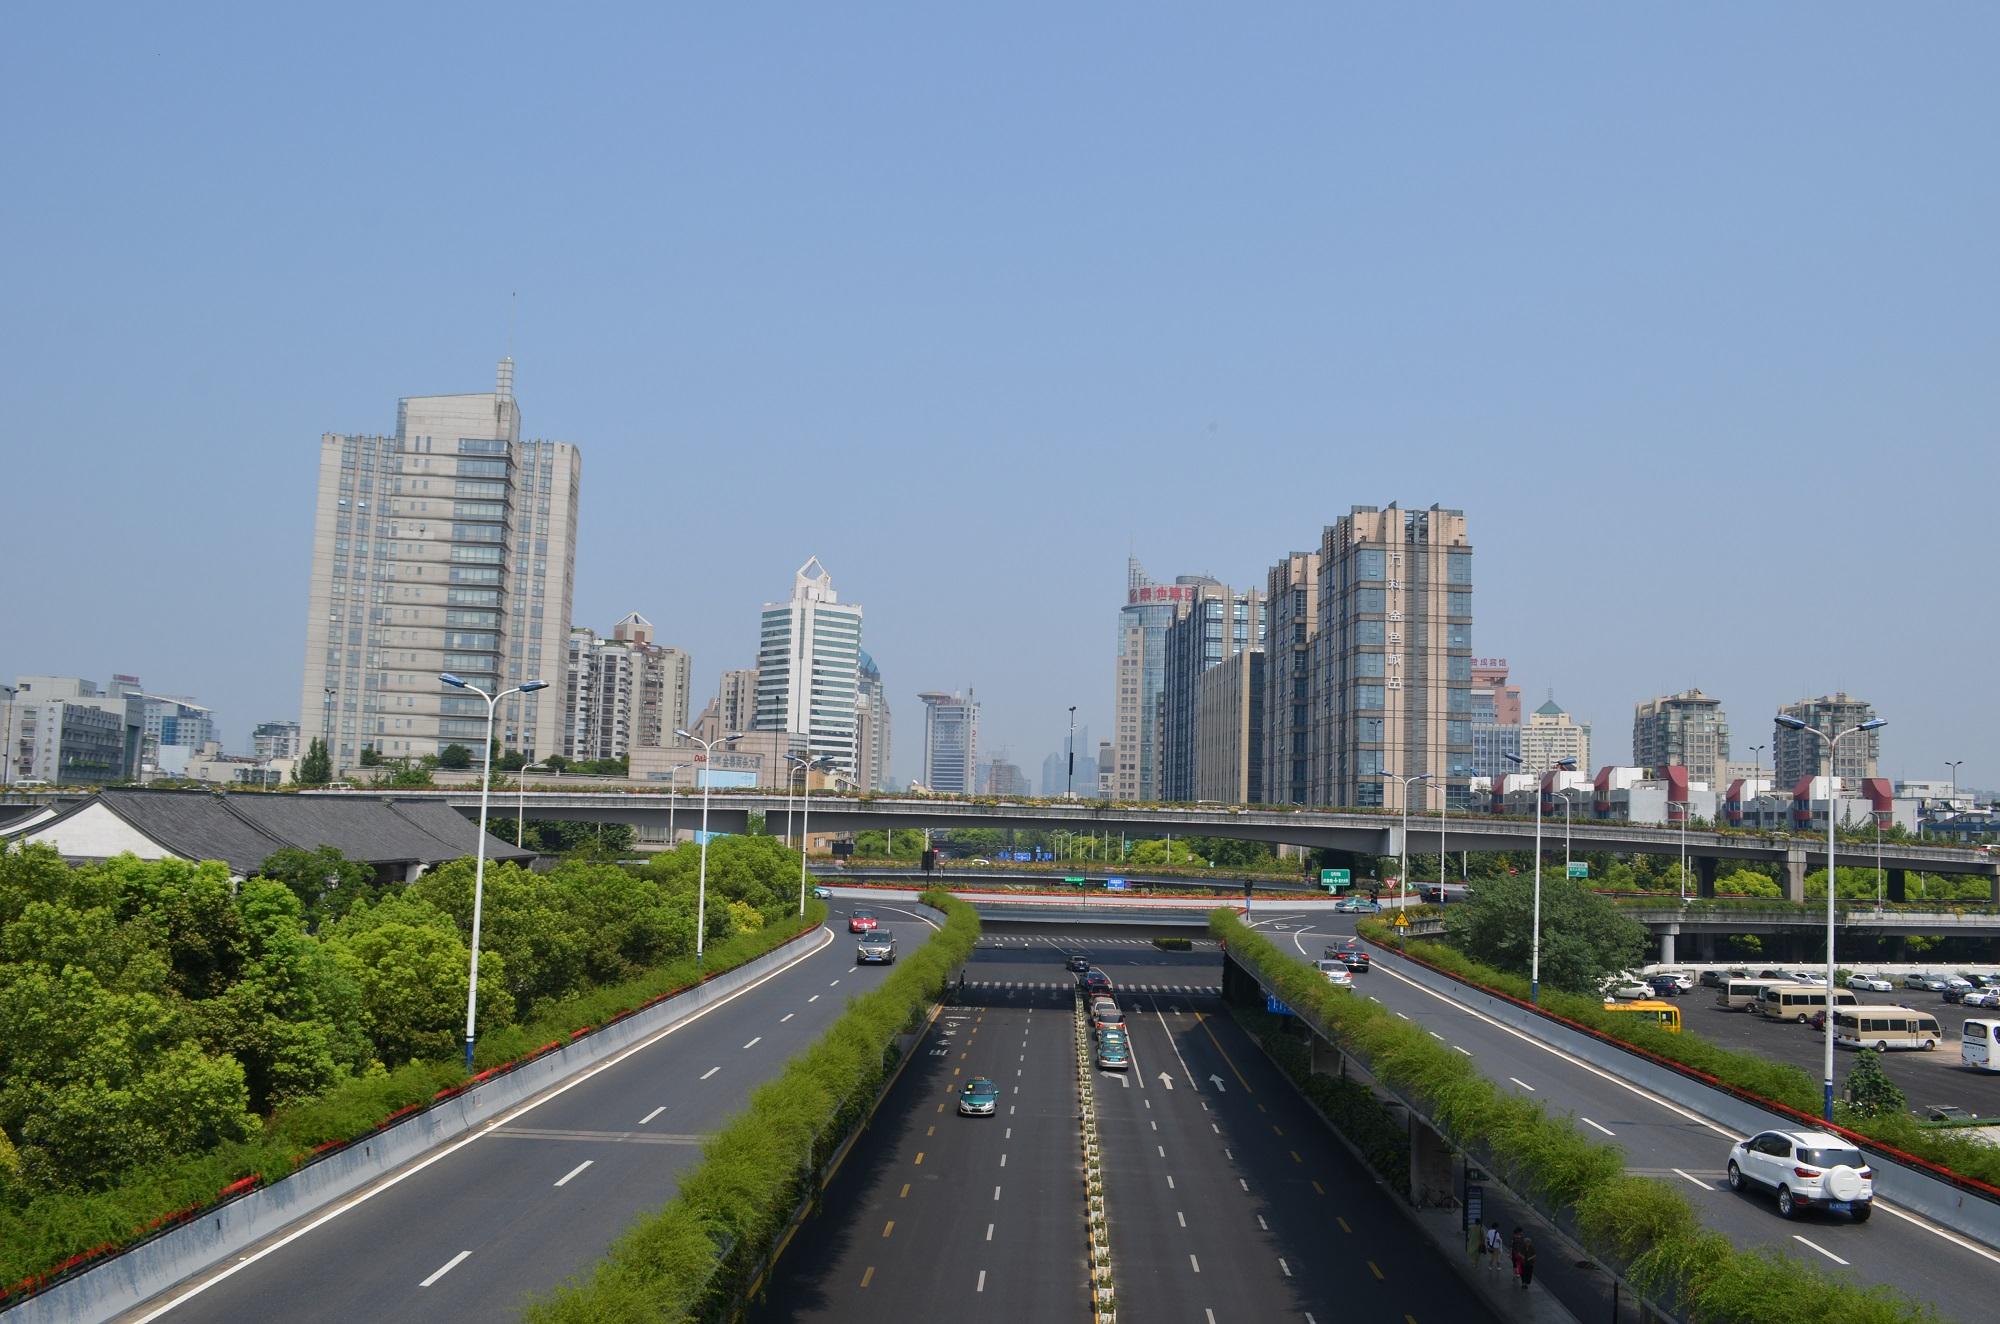 Die Stadt blickt in eine neue Zukunft. Zumindest bis in ein paar Jahren die Straßen alt sind und verfallen.